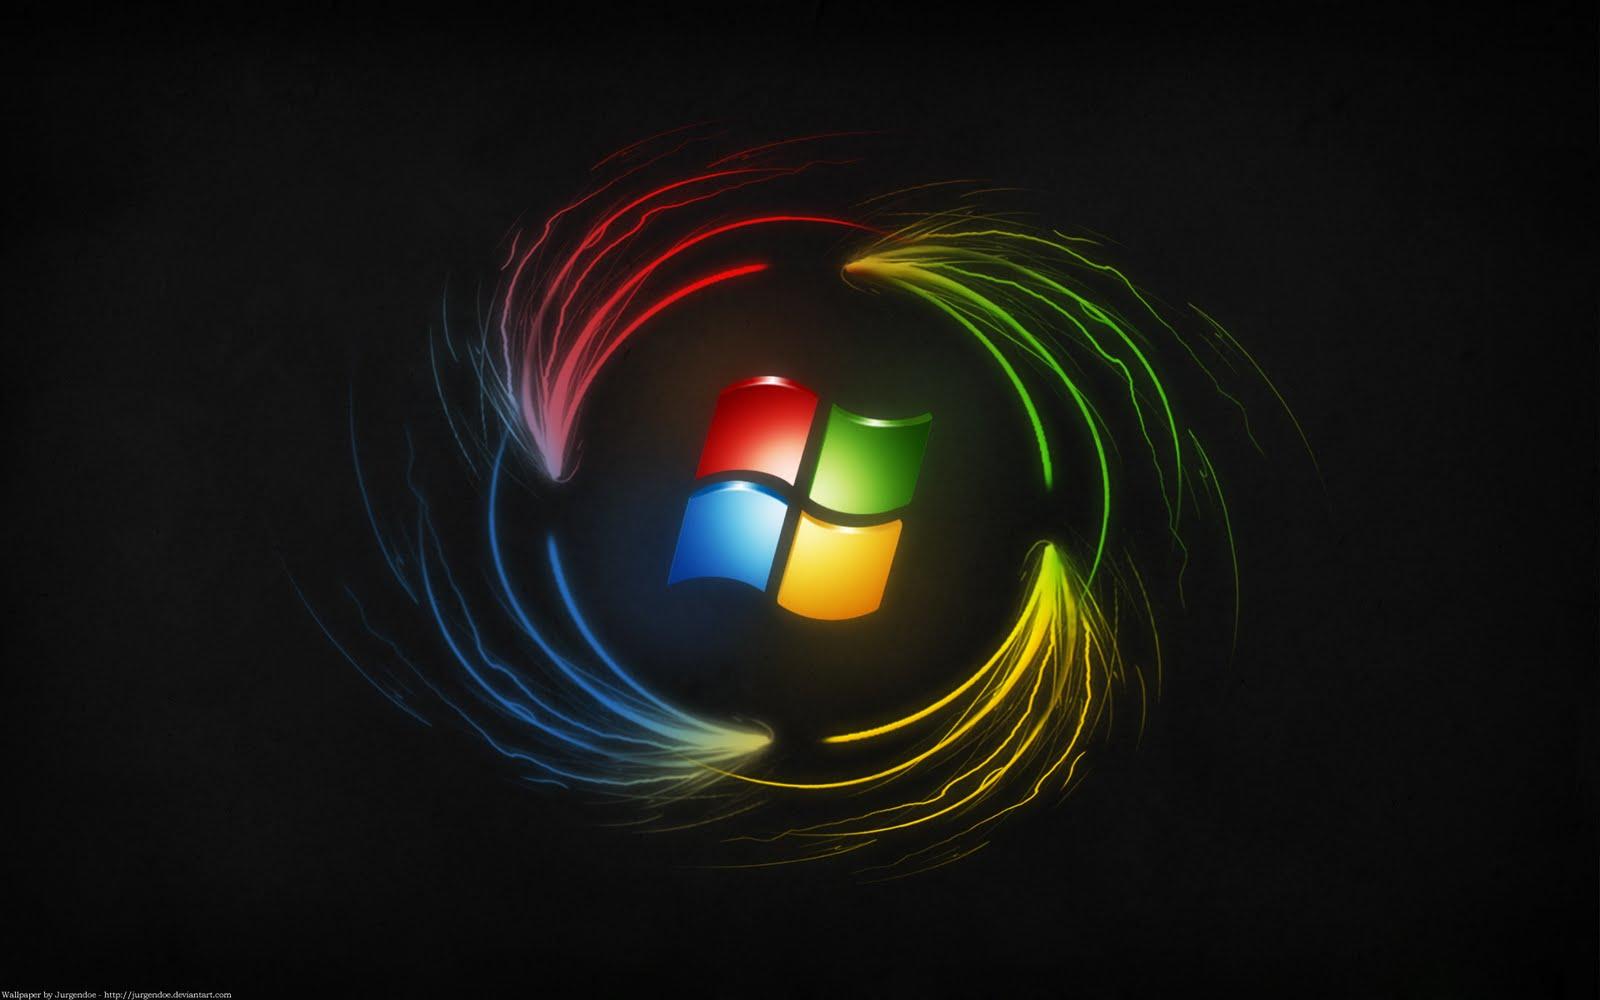 http://2.bp.blogspot.com/-BYtl9EBYmRQ/TkGy1efztEI/AAAAAAAABvc/jTAqb1jMIfs/s1600/Windows%208%20Wallpaper%206.jpg